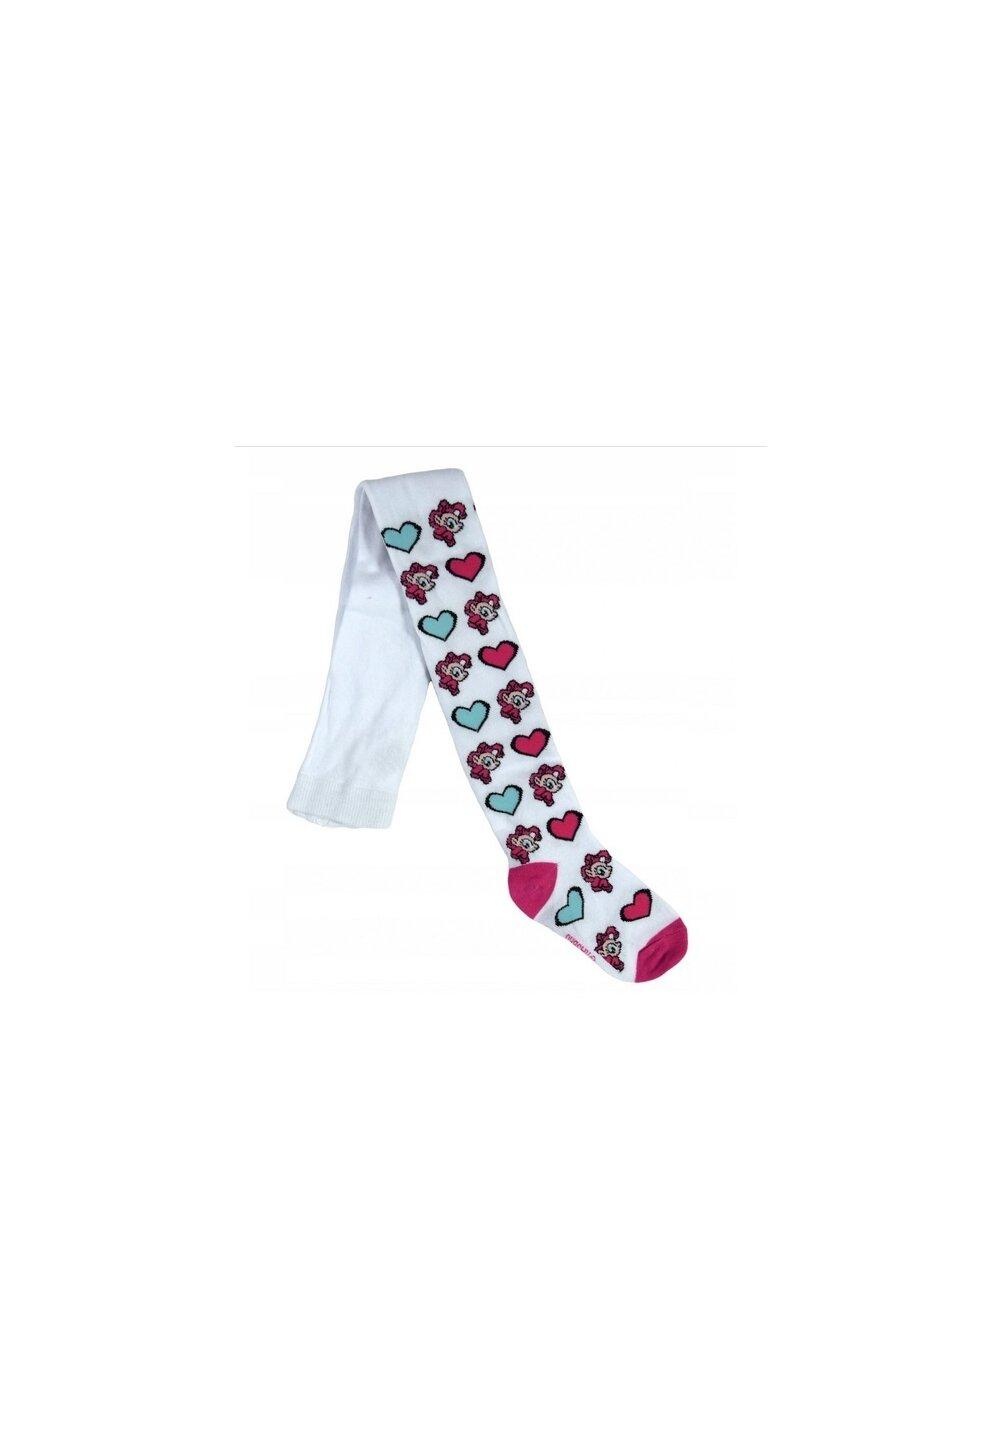 Ciorapi cu chilot, Ponny, albi cu inimioare imagine